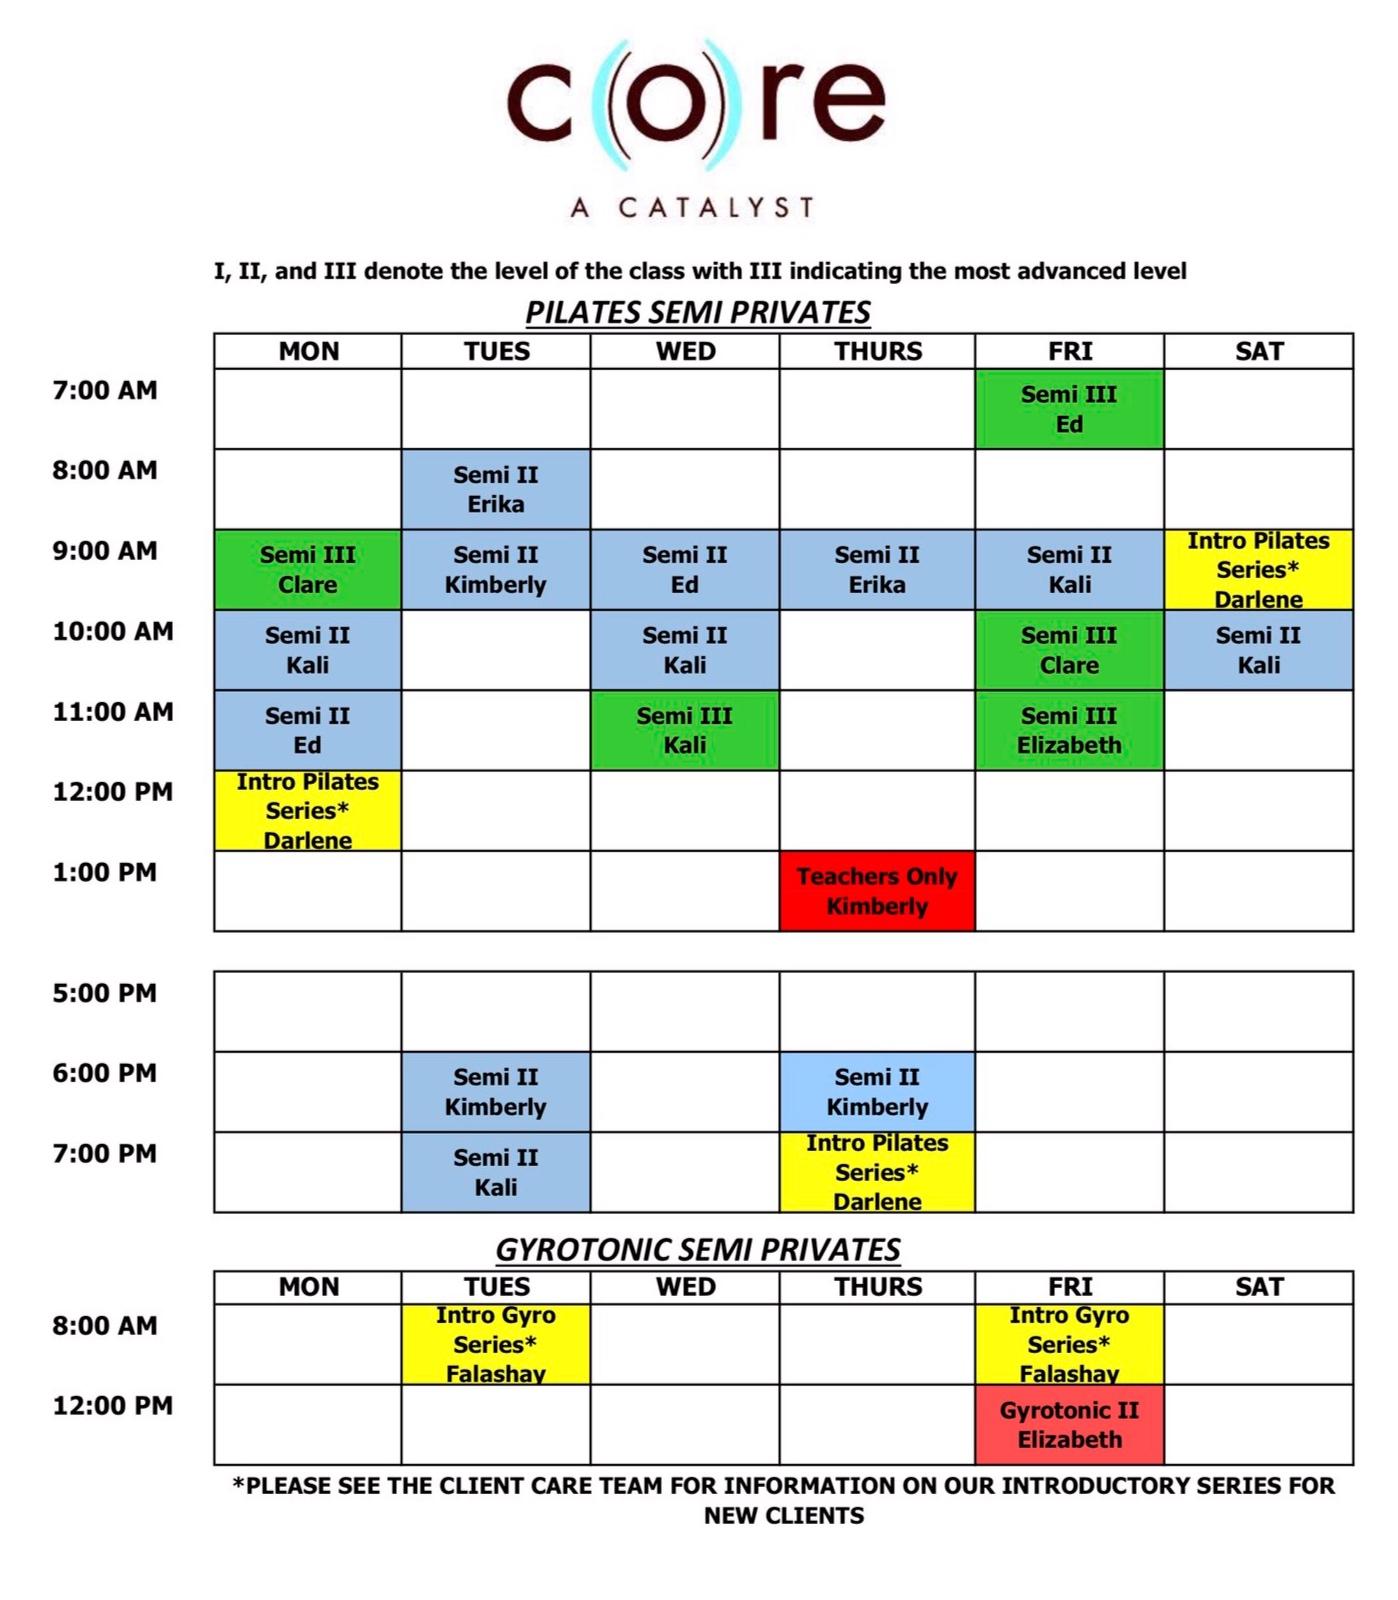 CORE+2019+Winter+Semi+Schedule.1.28.19.jpg